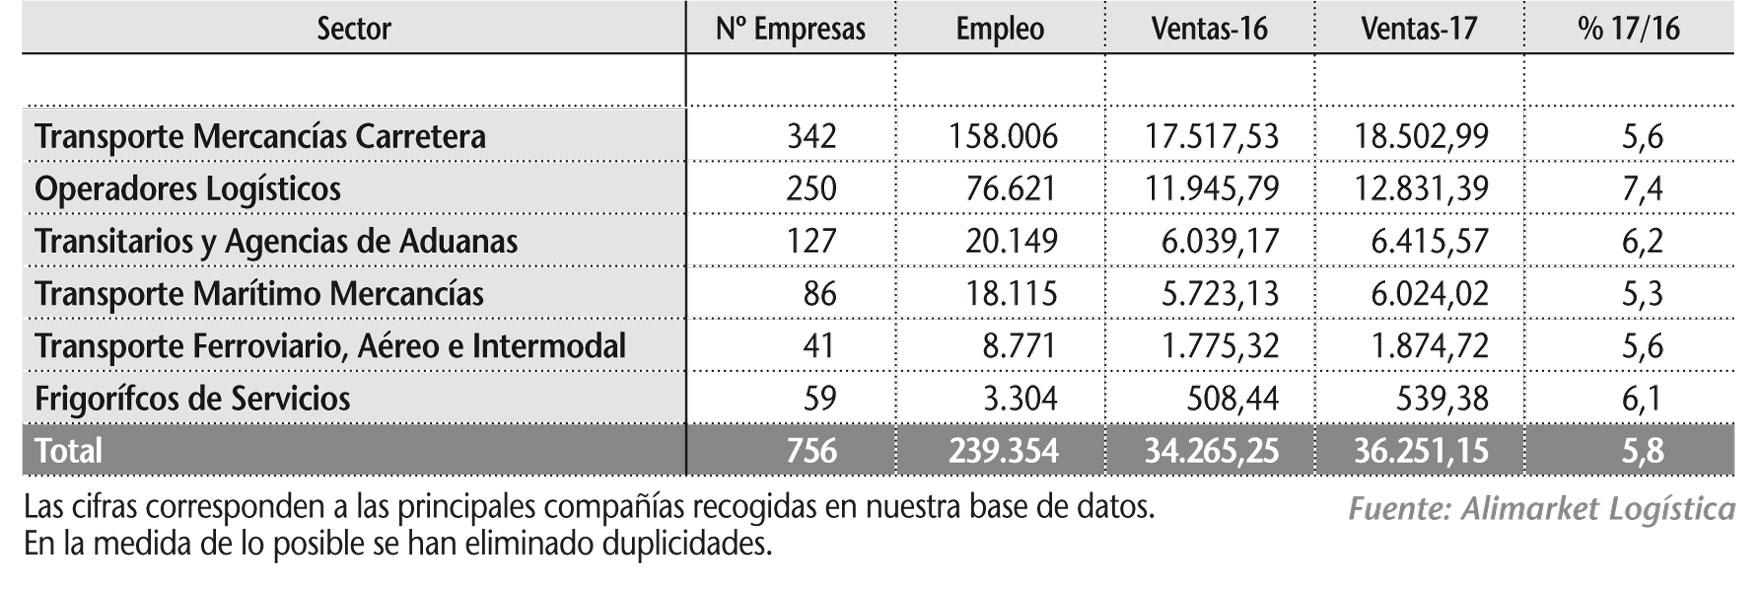 Principales magnitudes de los sectores de Transporte y Logística en 2017 (M€)